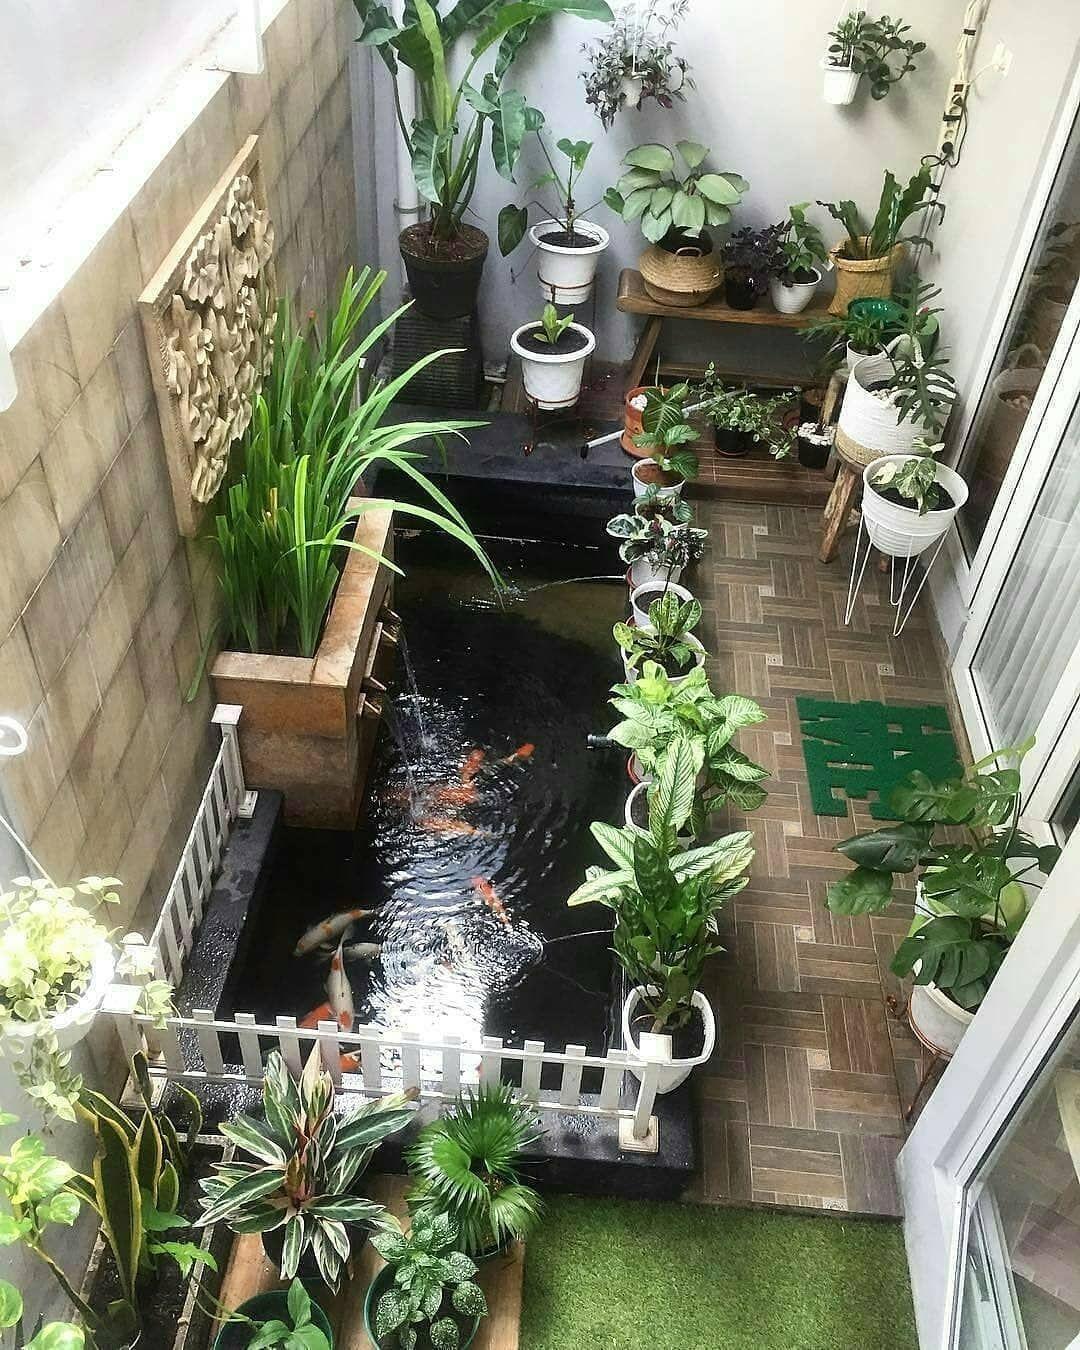 550 Desain Taman Kecil Di Samping Rumah Terbaik